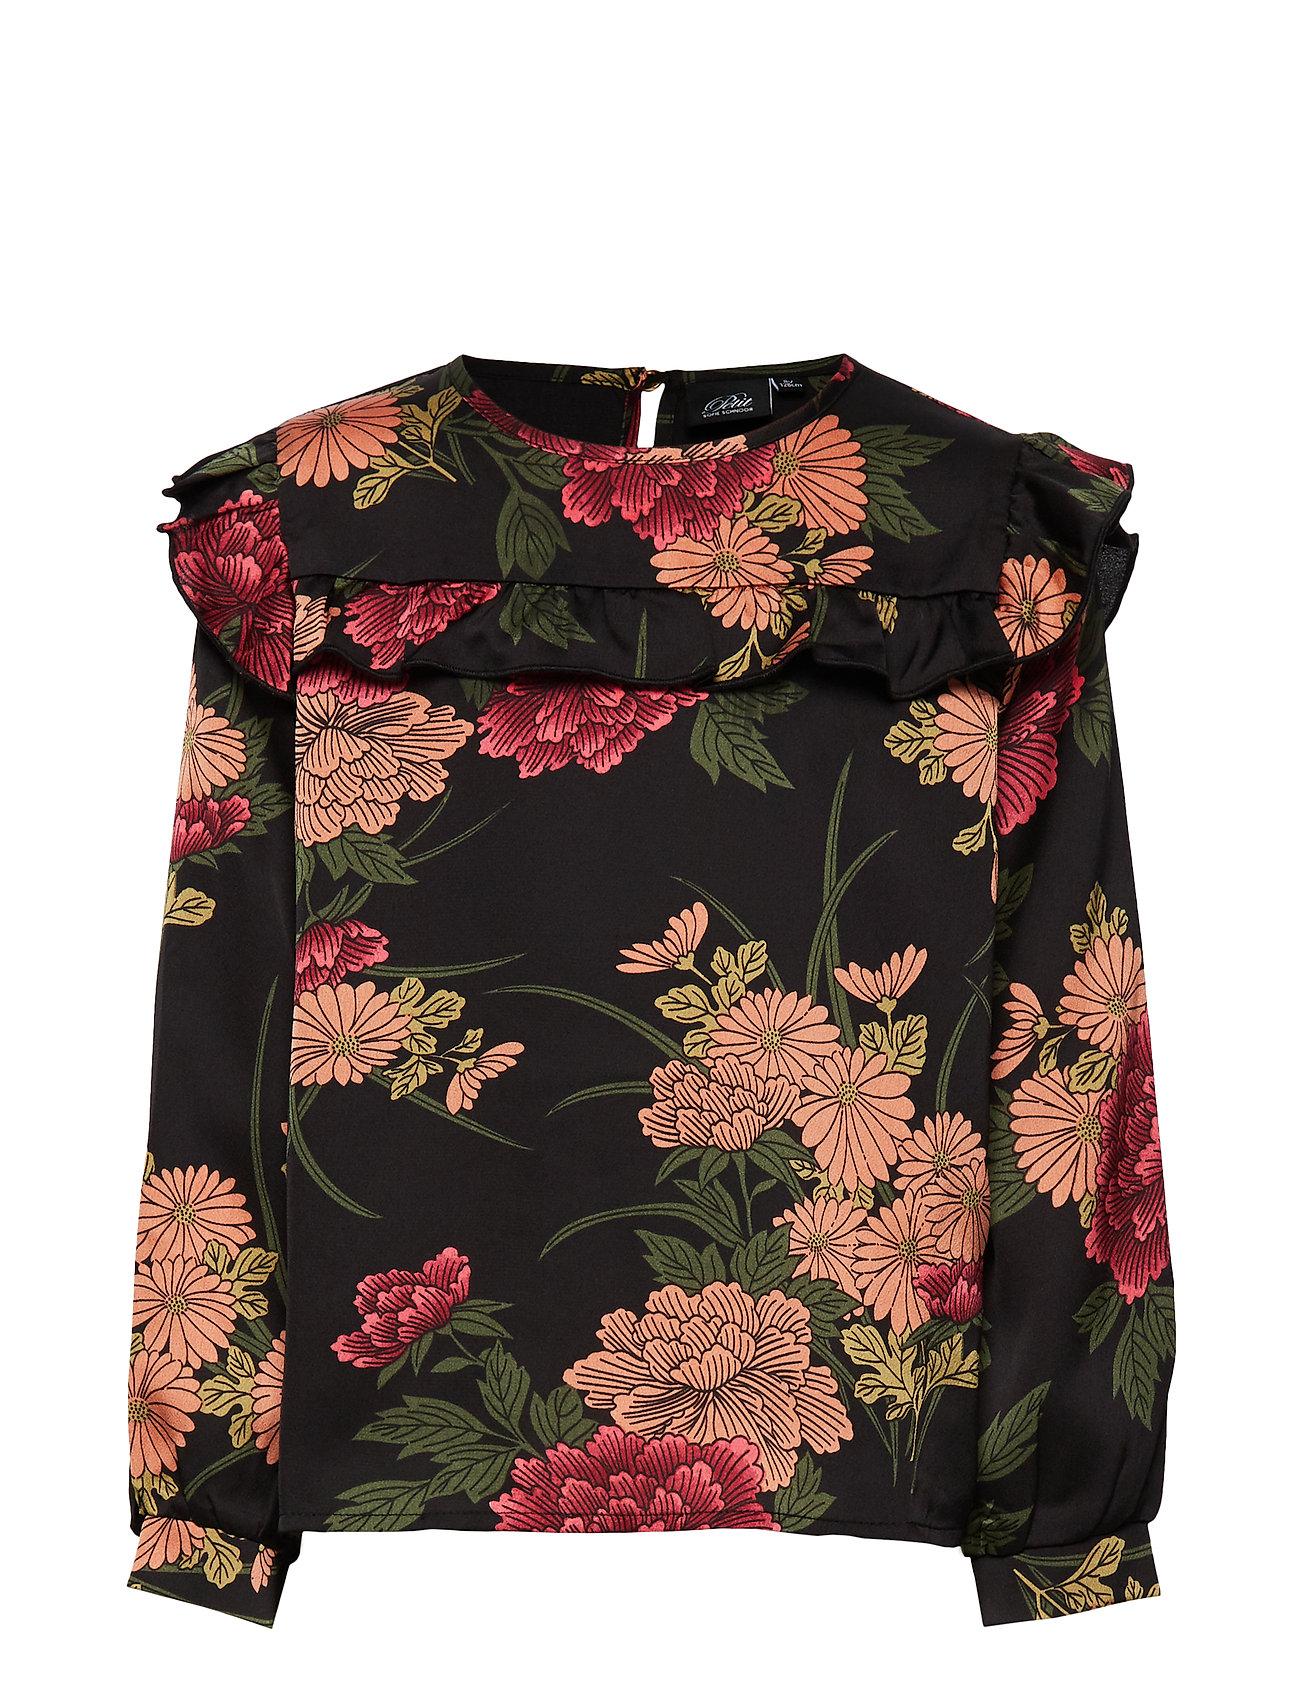 Petit by Sofie Schnoor Shirt - AOP FLOW BLK